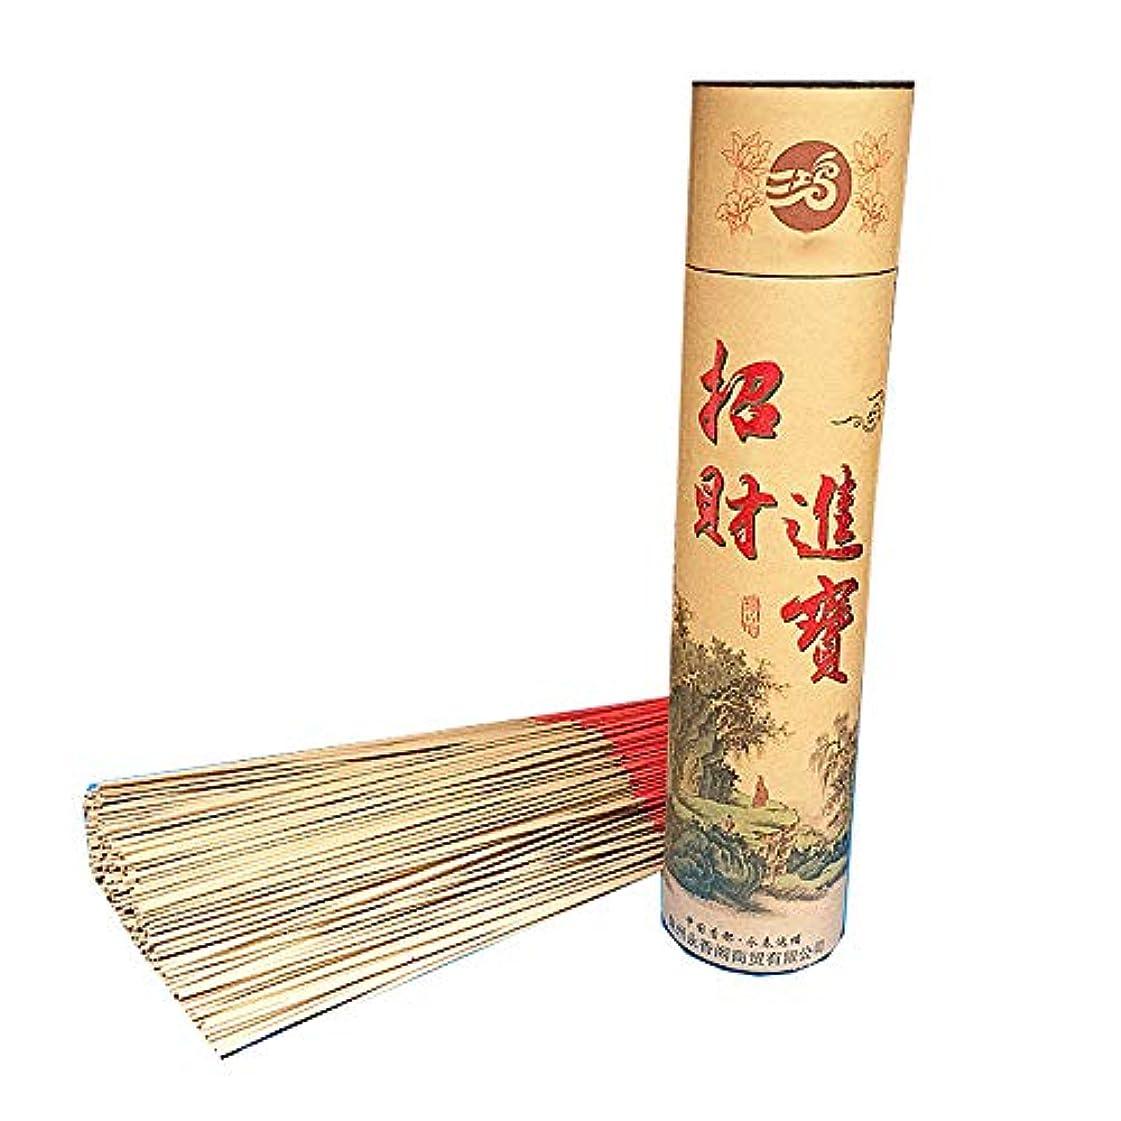 ごちそう前述のその間ZeeStar チャイニーズジョススティック 無香 香料 香りなし 香りつき 香りつき ジョススティック 13インチ(480本)